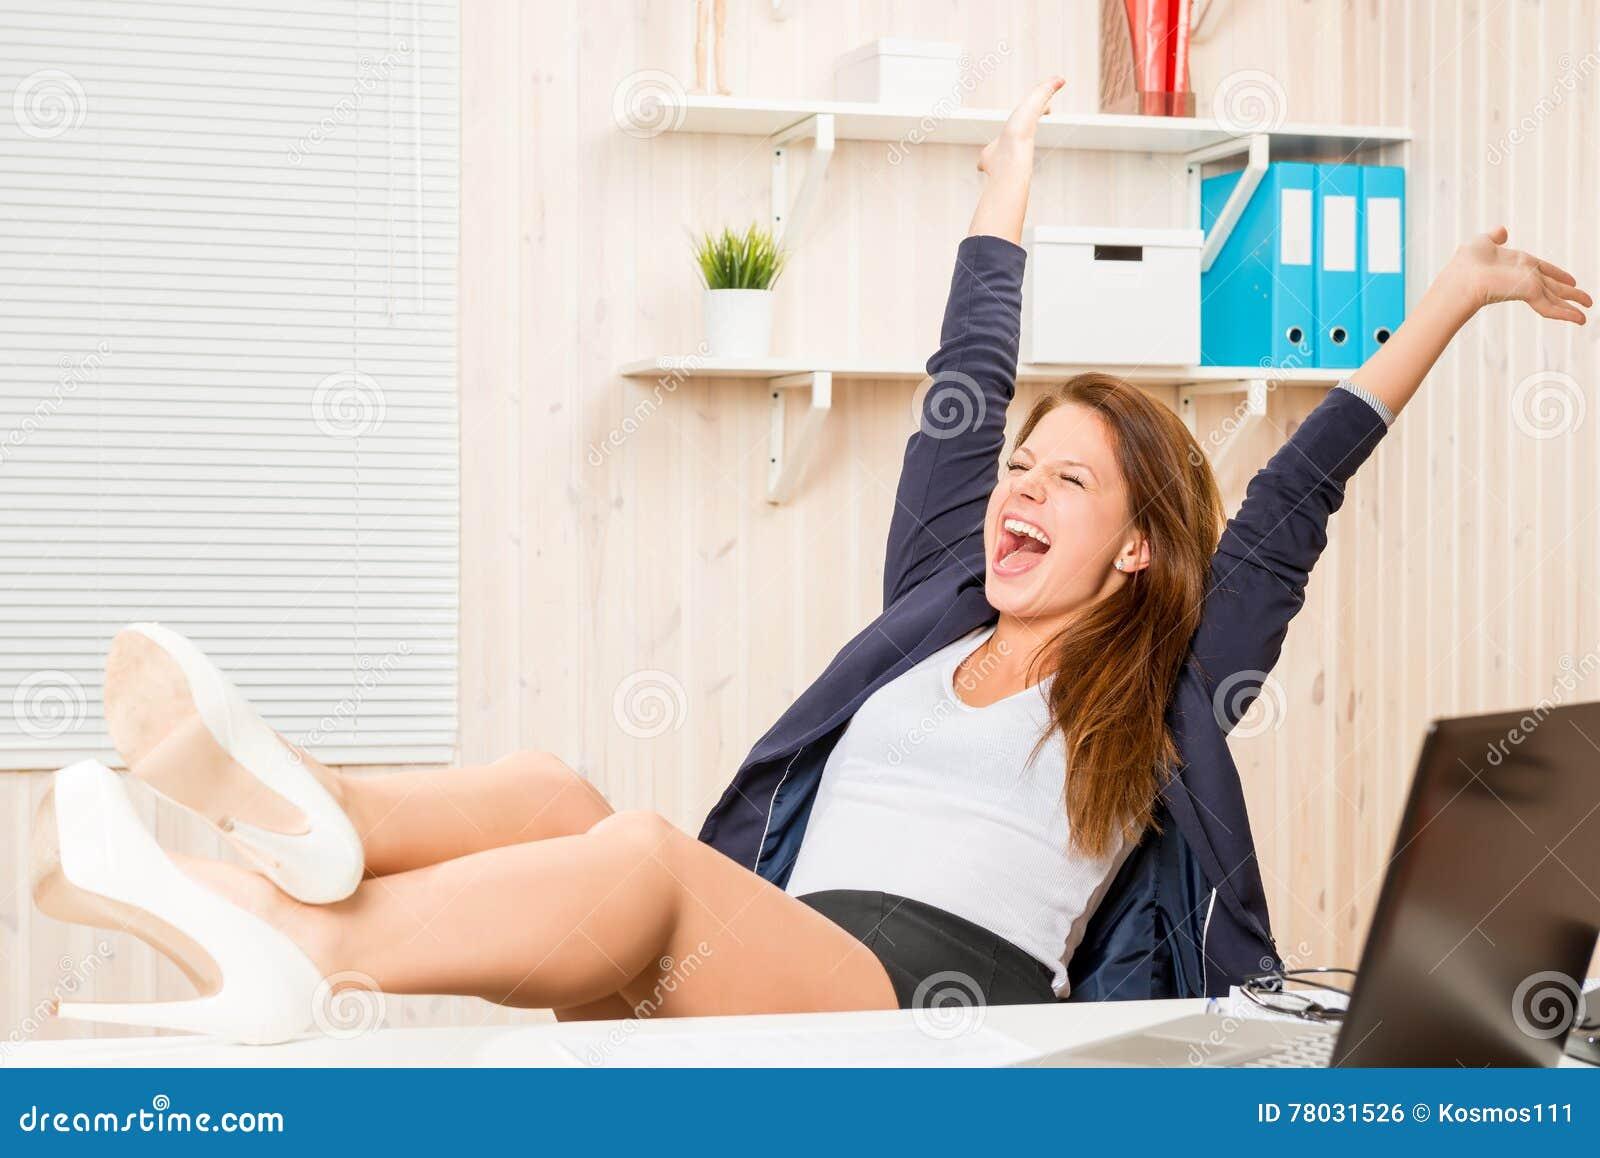 Geschäftsfrau sehr erfolgreich und glücklich